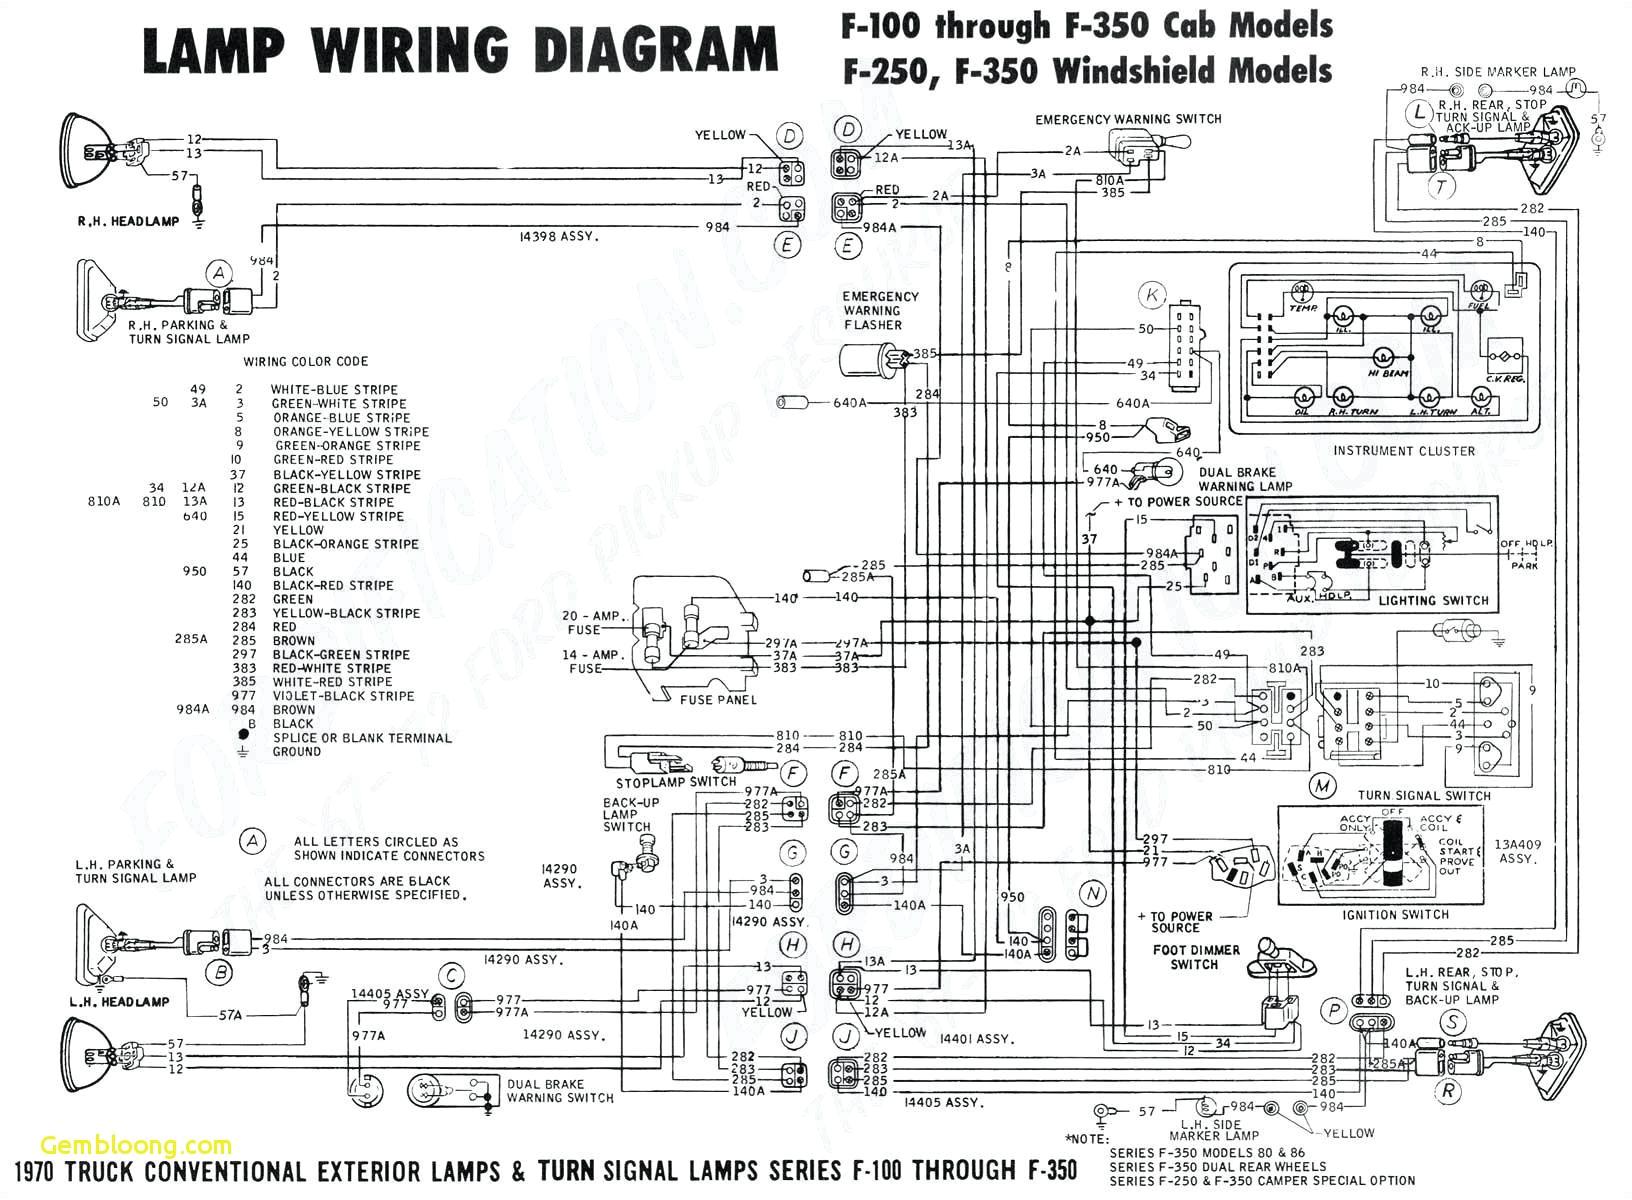 2012 honda turn signal wiring diagram wiring diagram database blog 1998 honda civic turn signal wiring